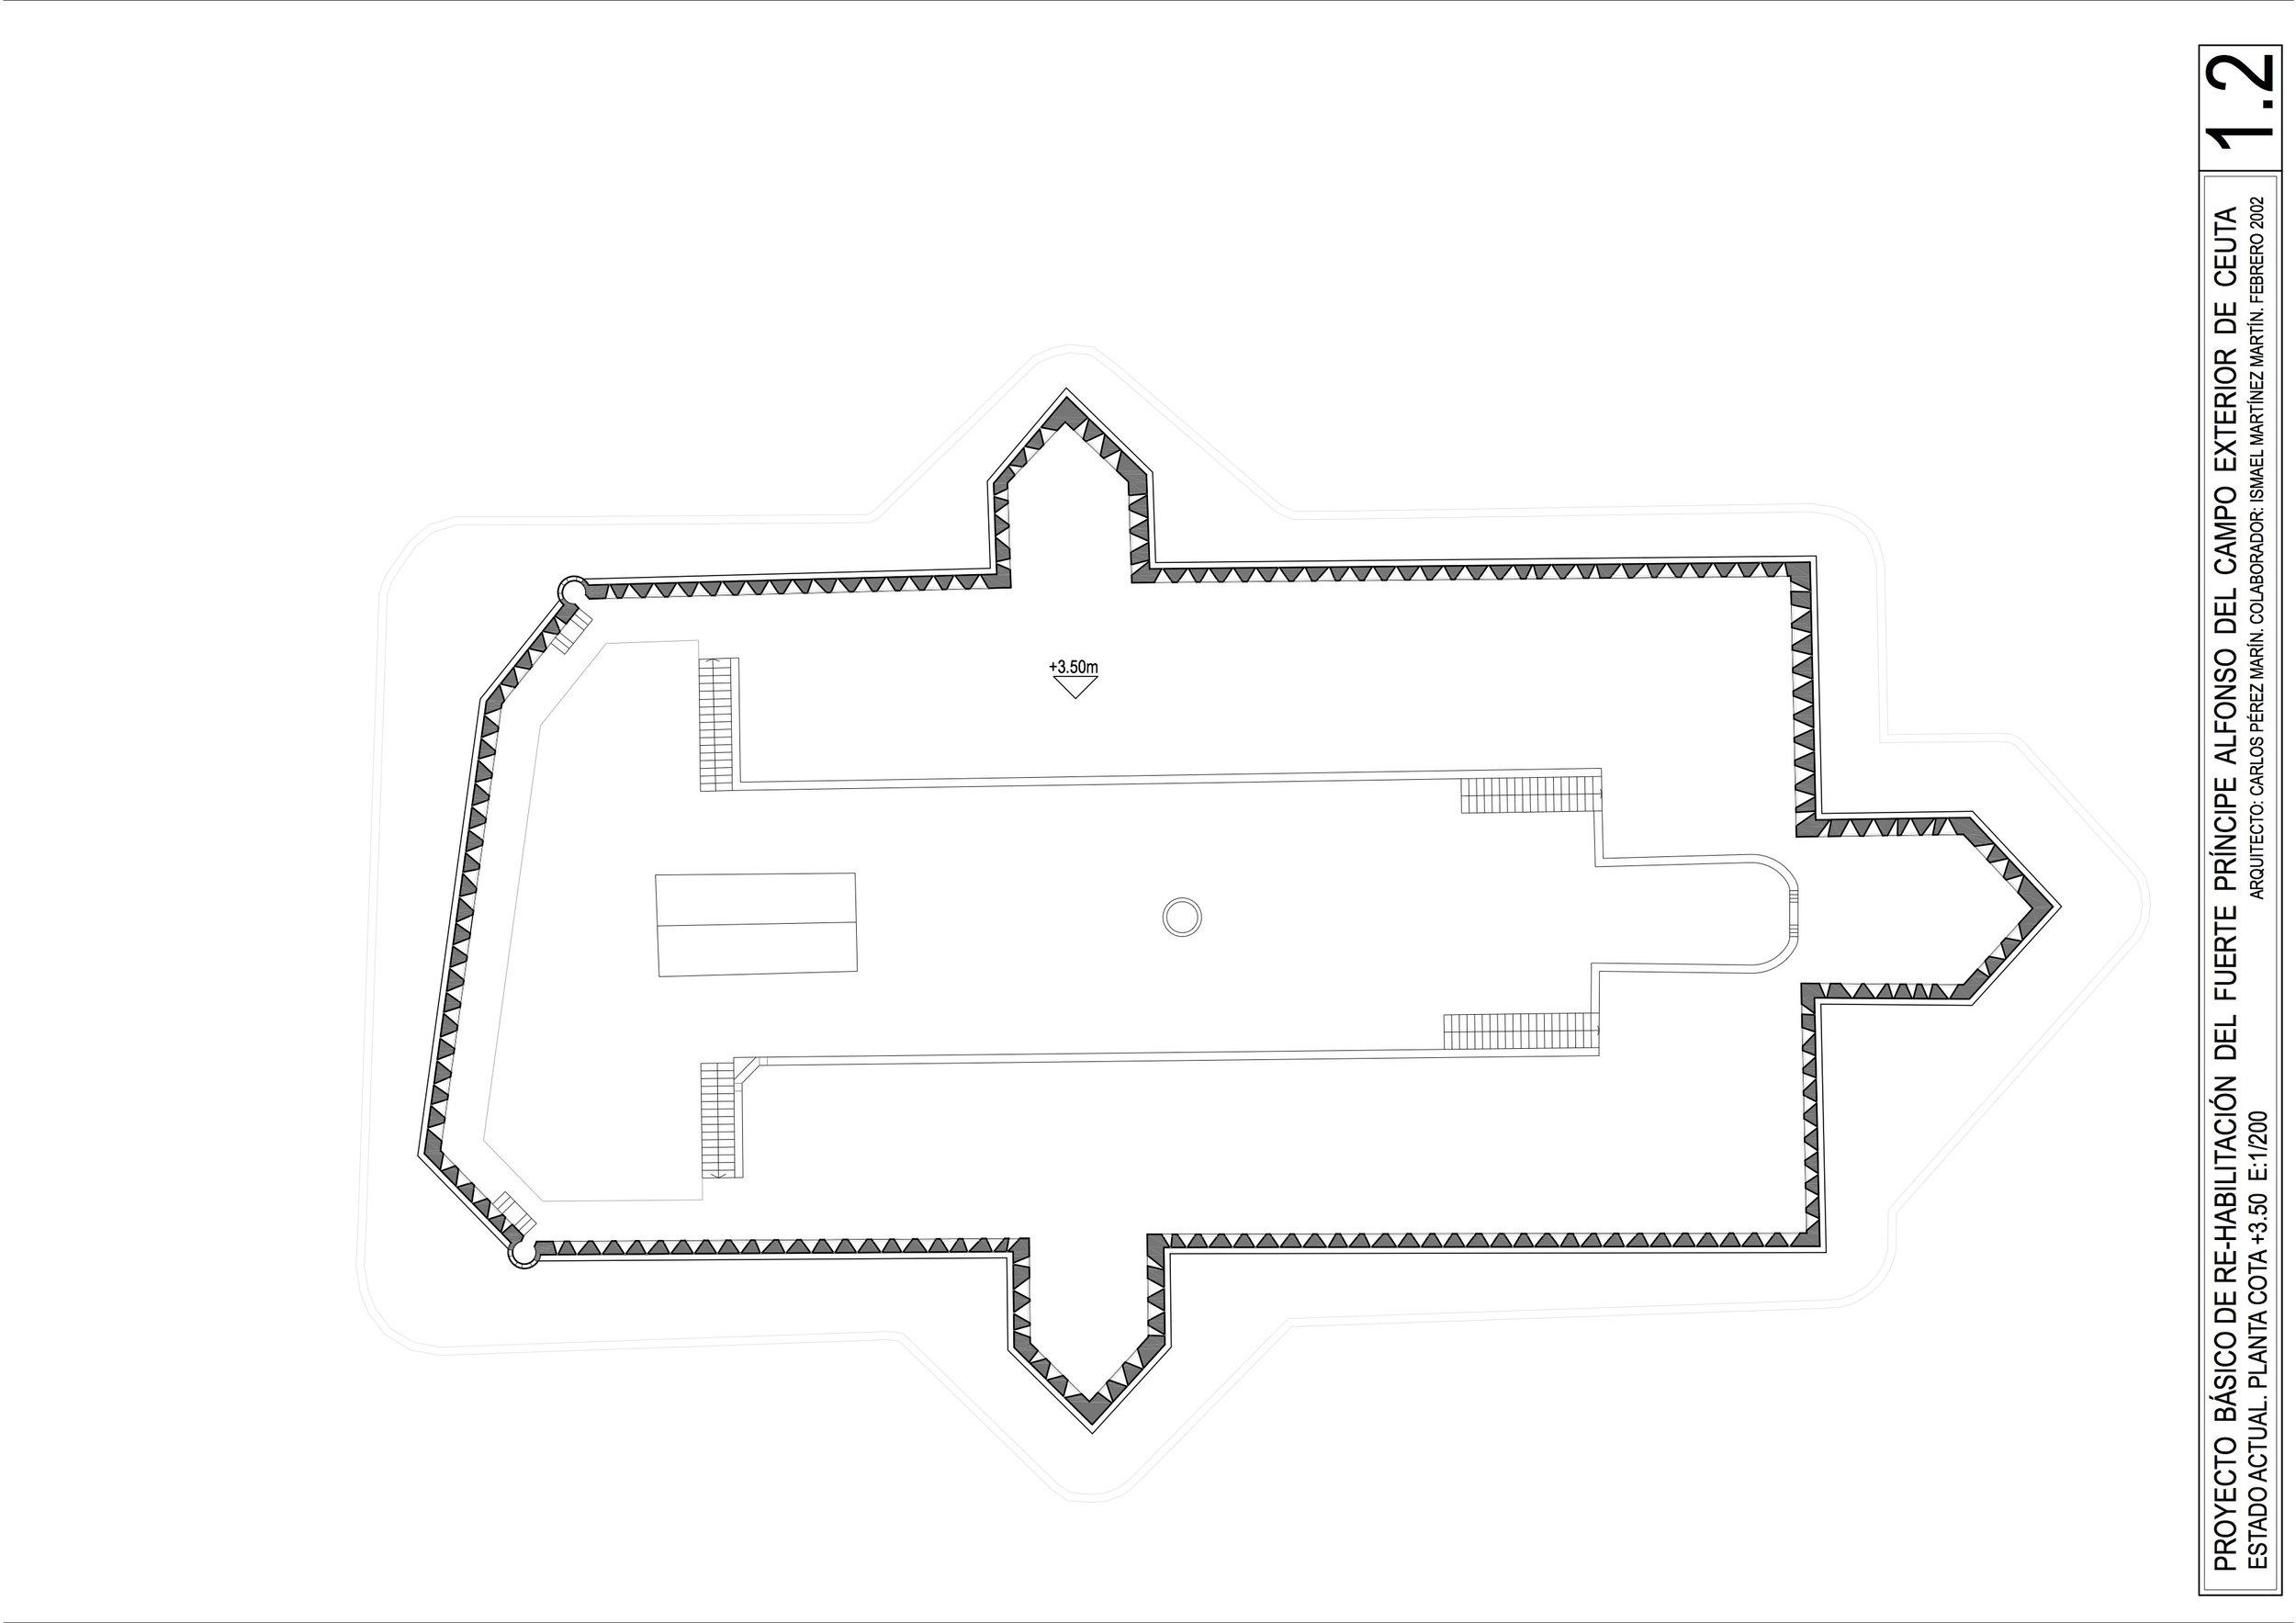 PRINCIPE ALFONSO 1.2.jpg